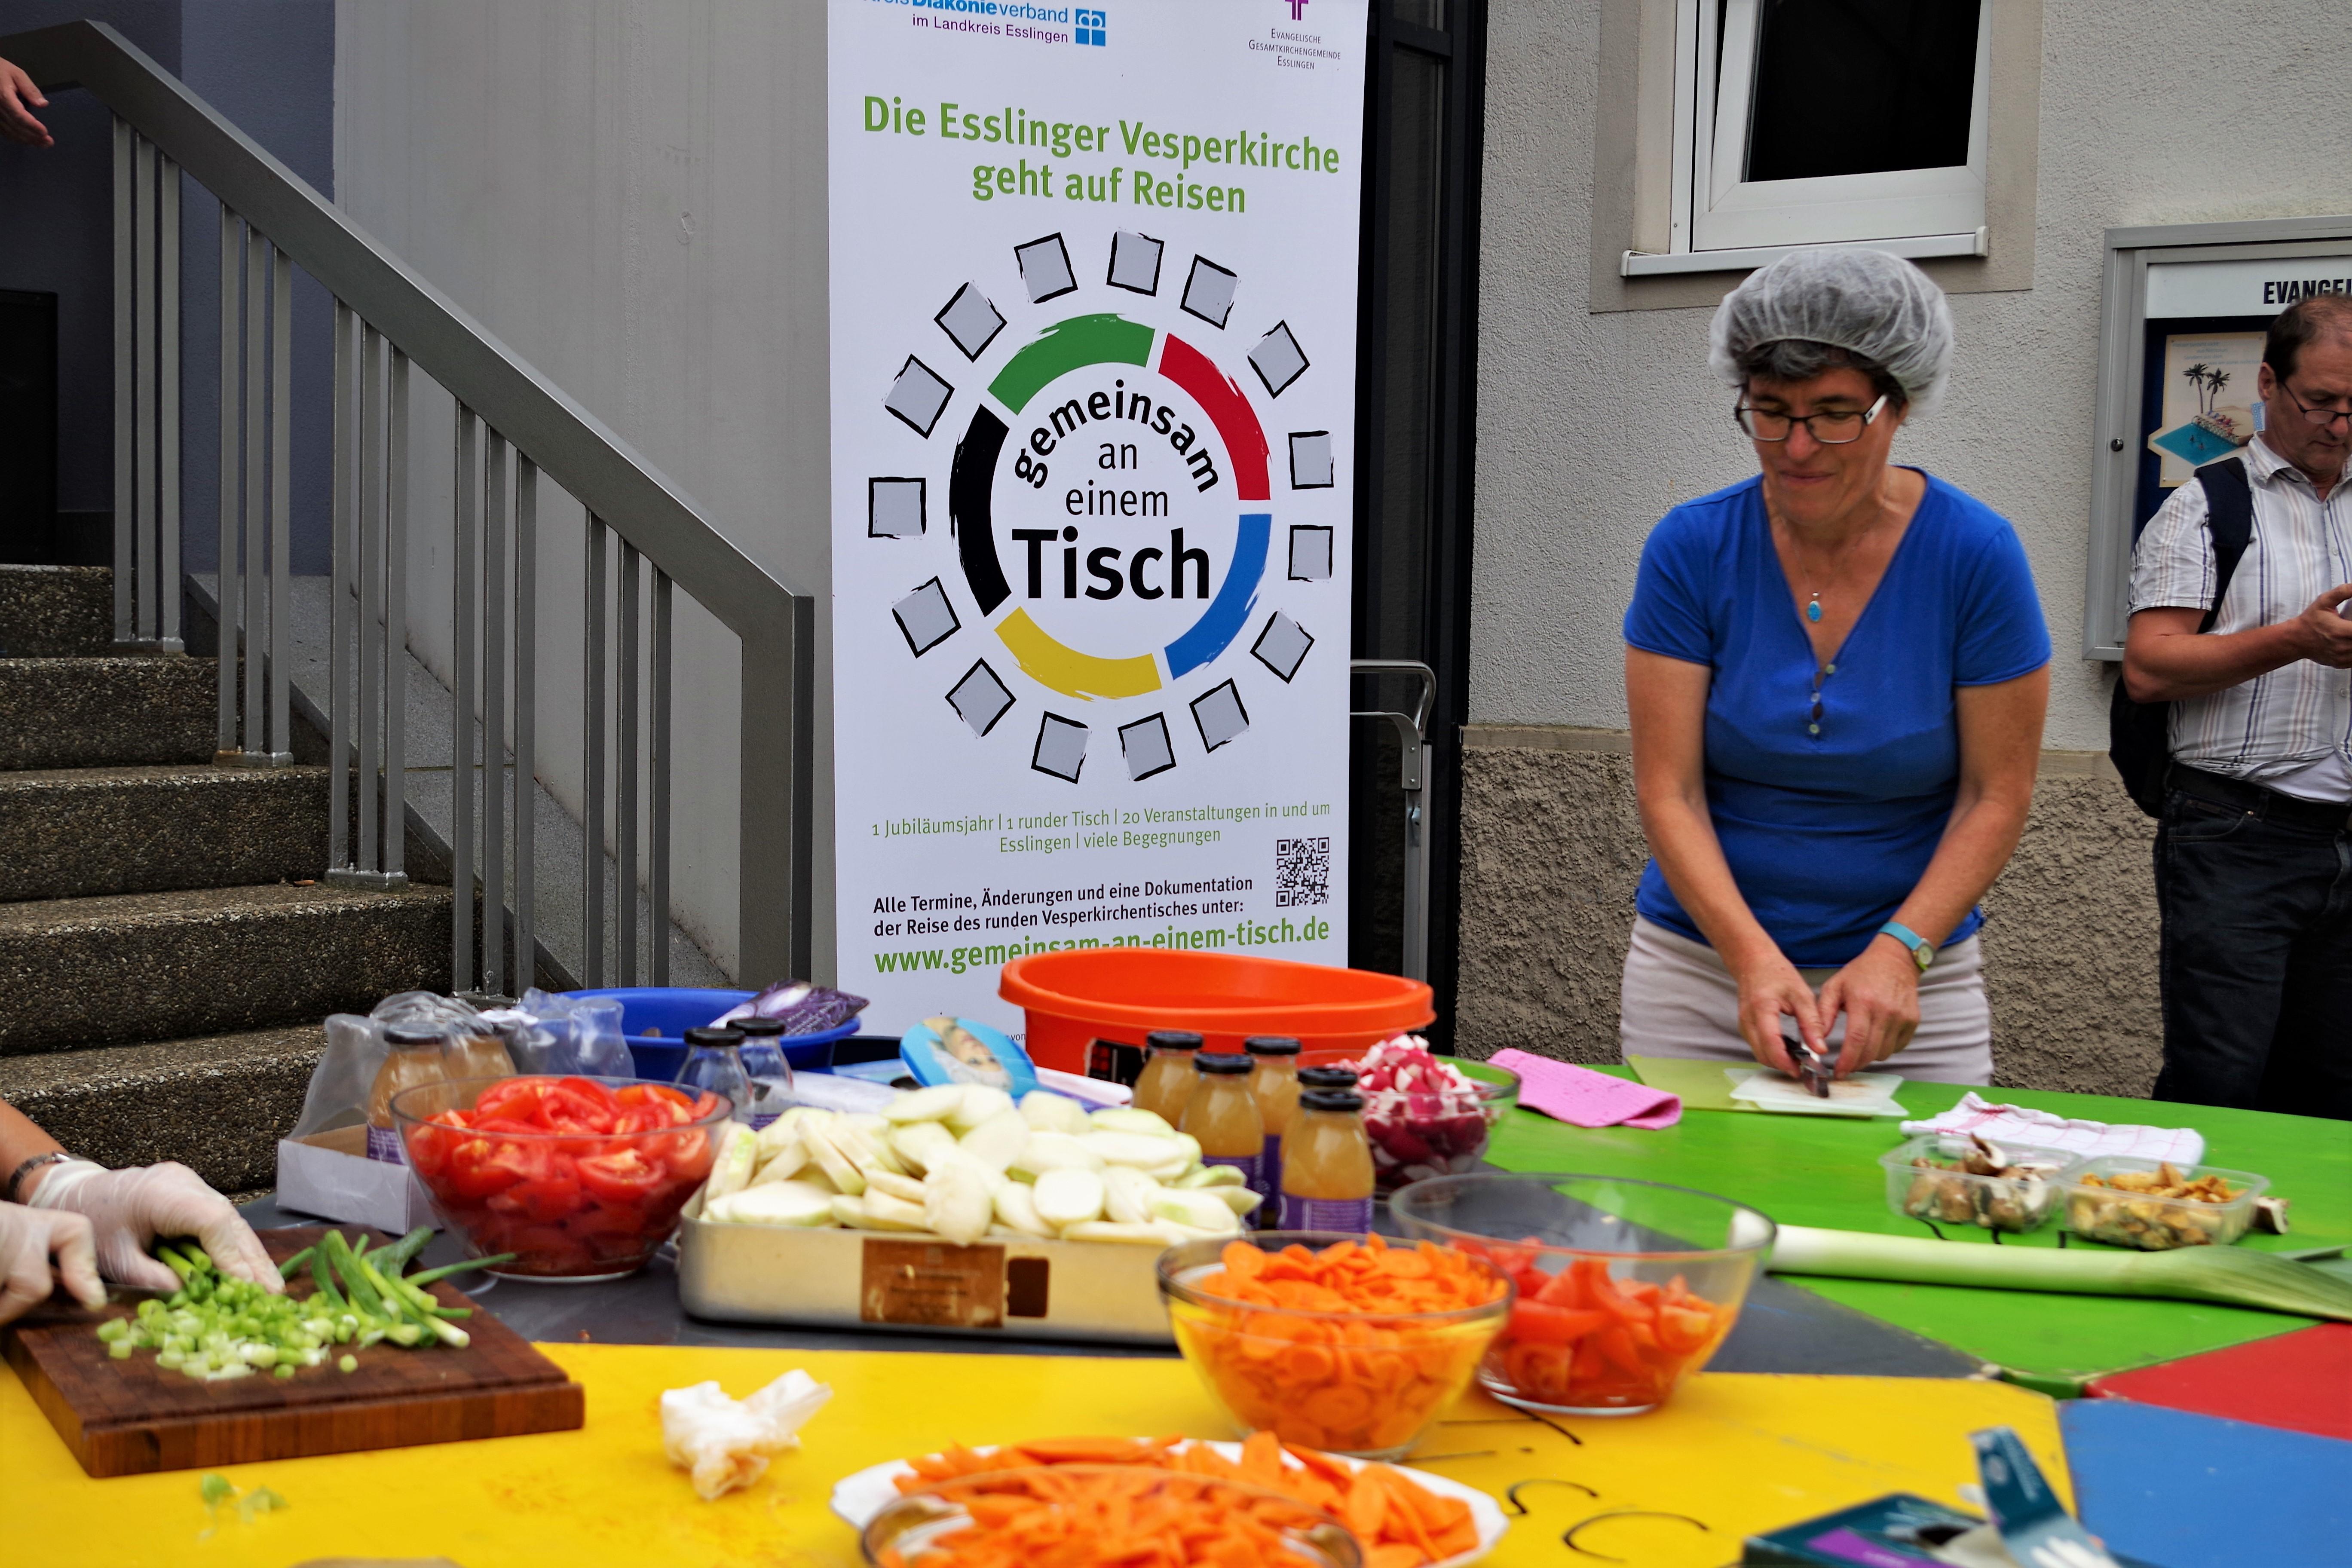 Rund-Tisch_EMK Hilsenbeck (8)